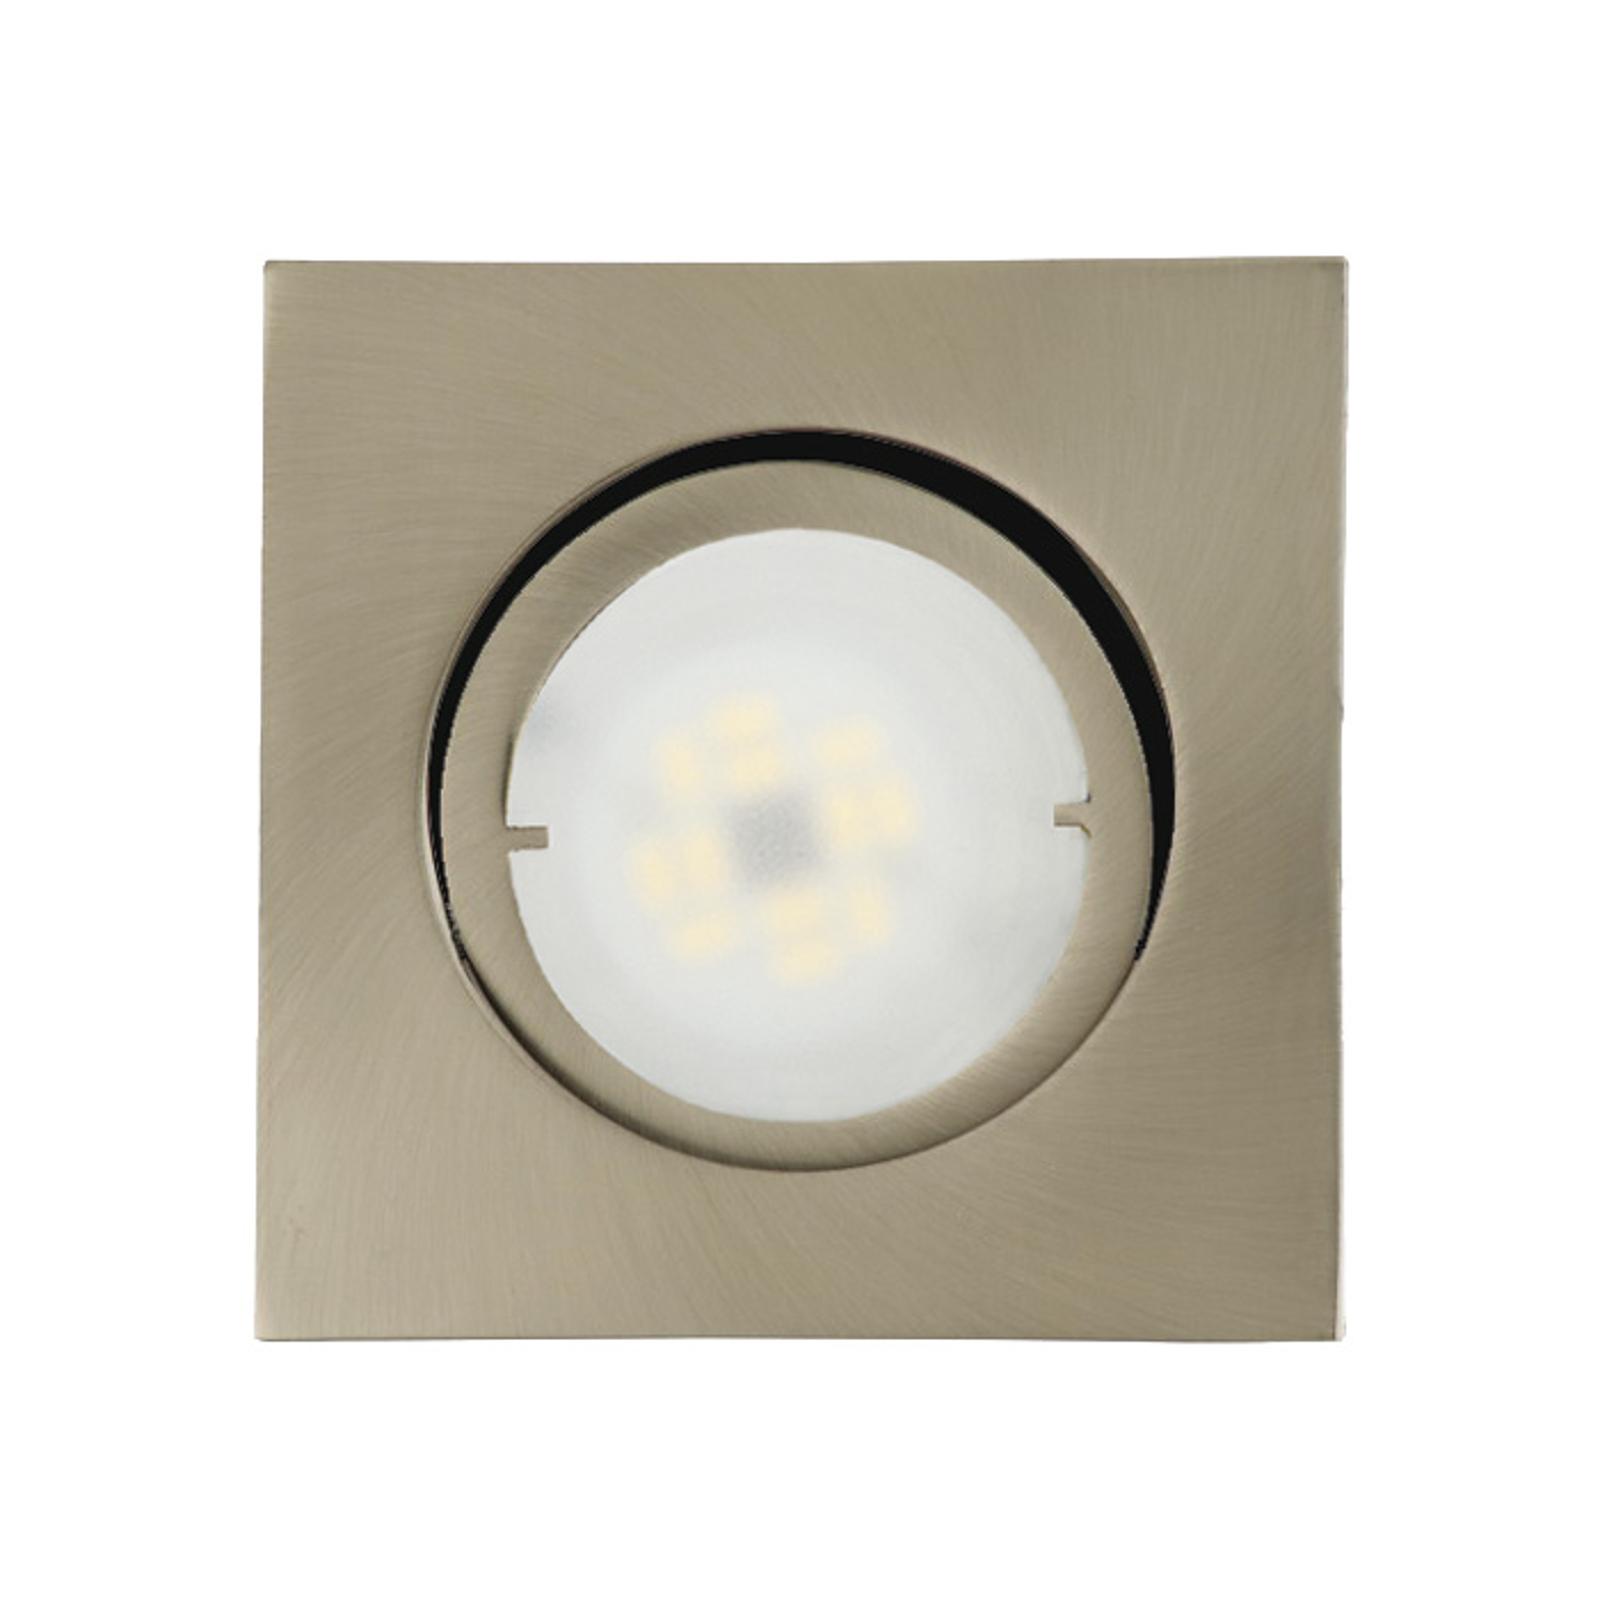 Joanie zapustené LED svetlo, brúsené železo_1524118_1